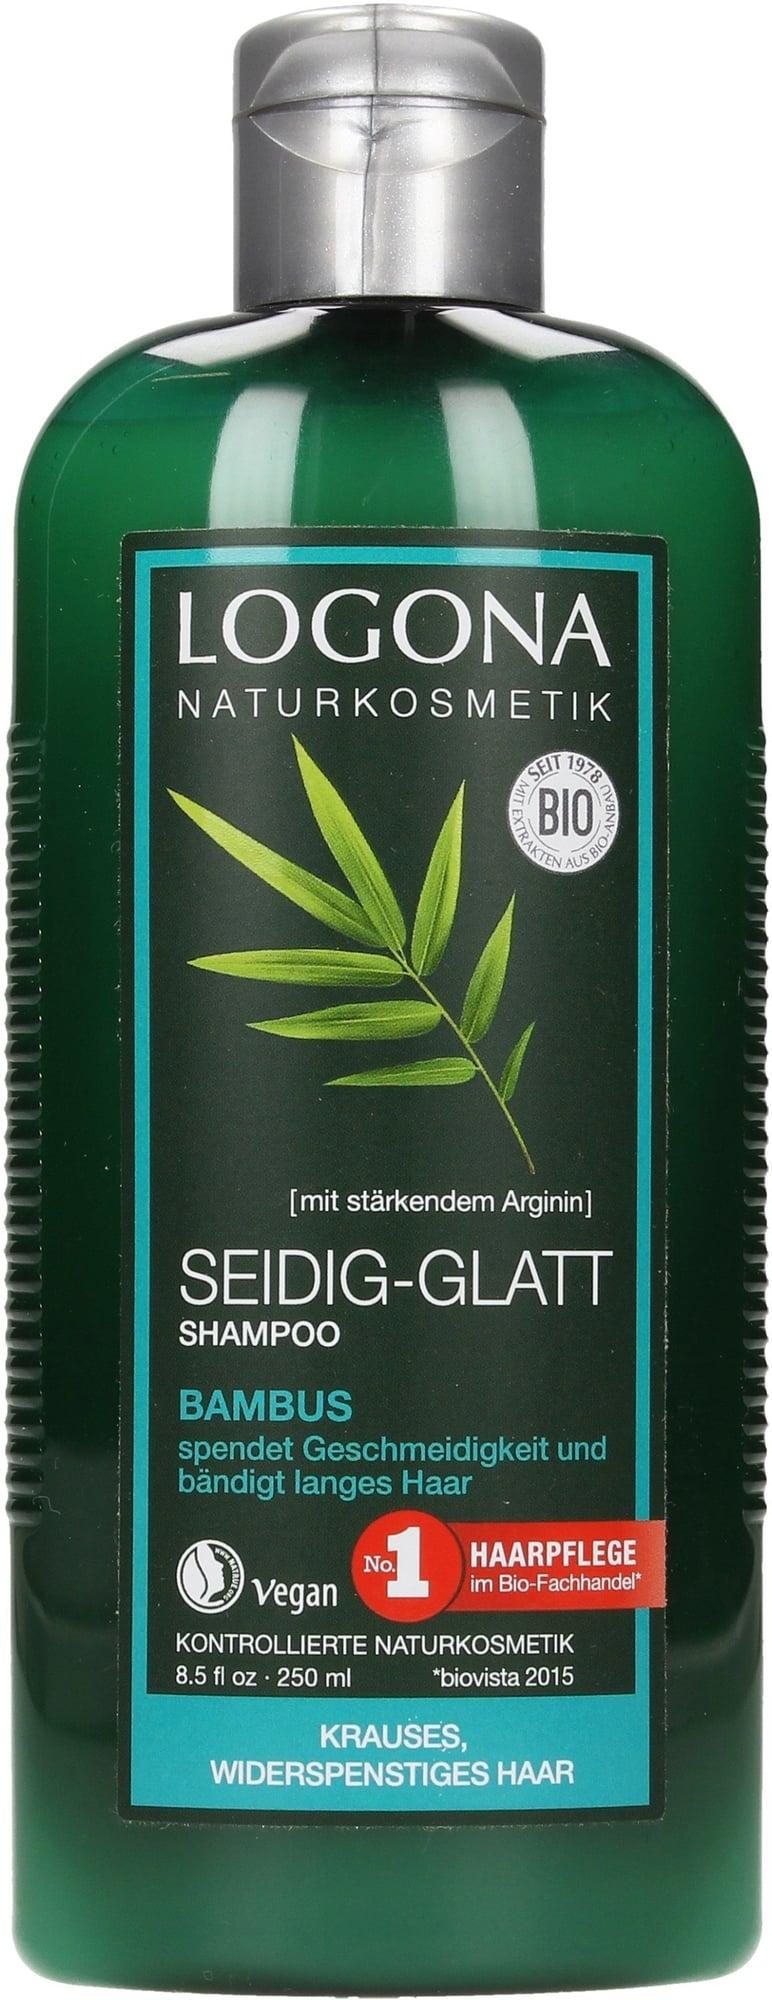 Shampoo Logona